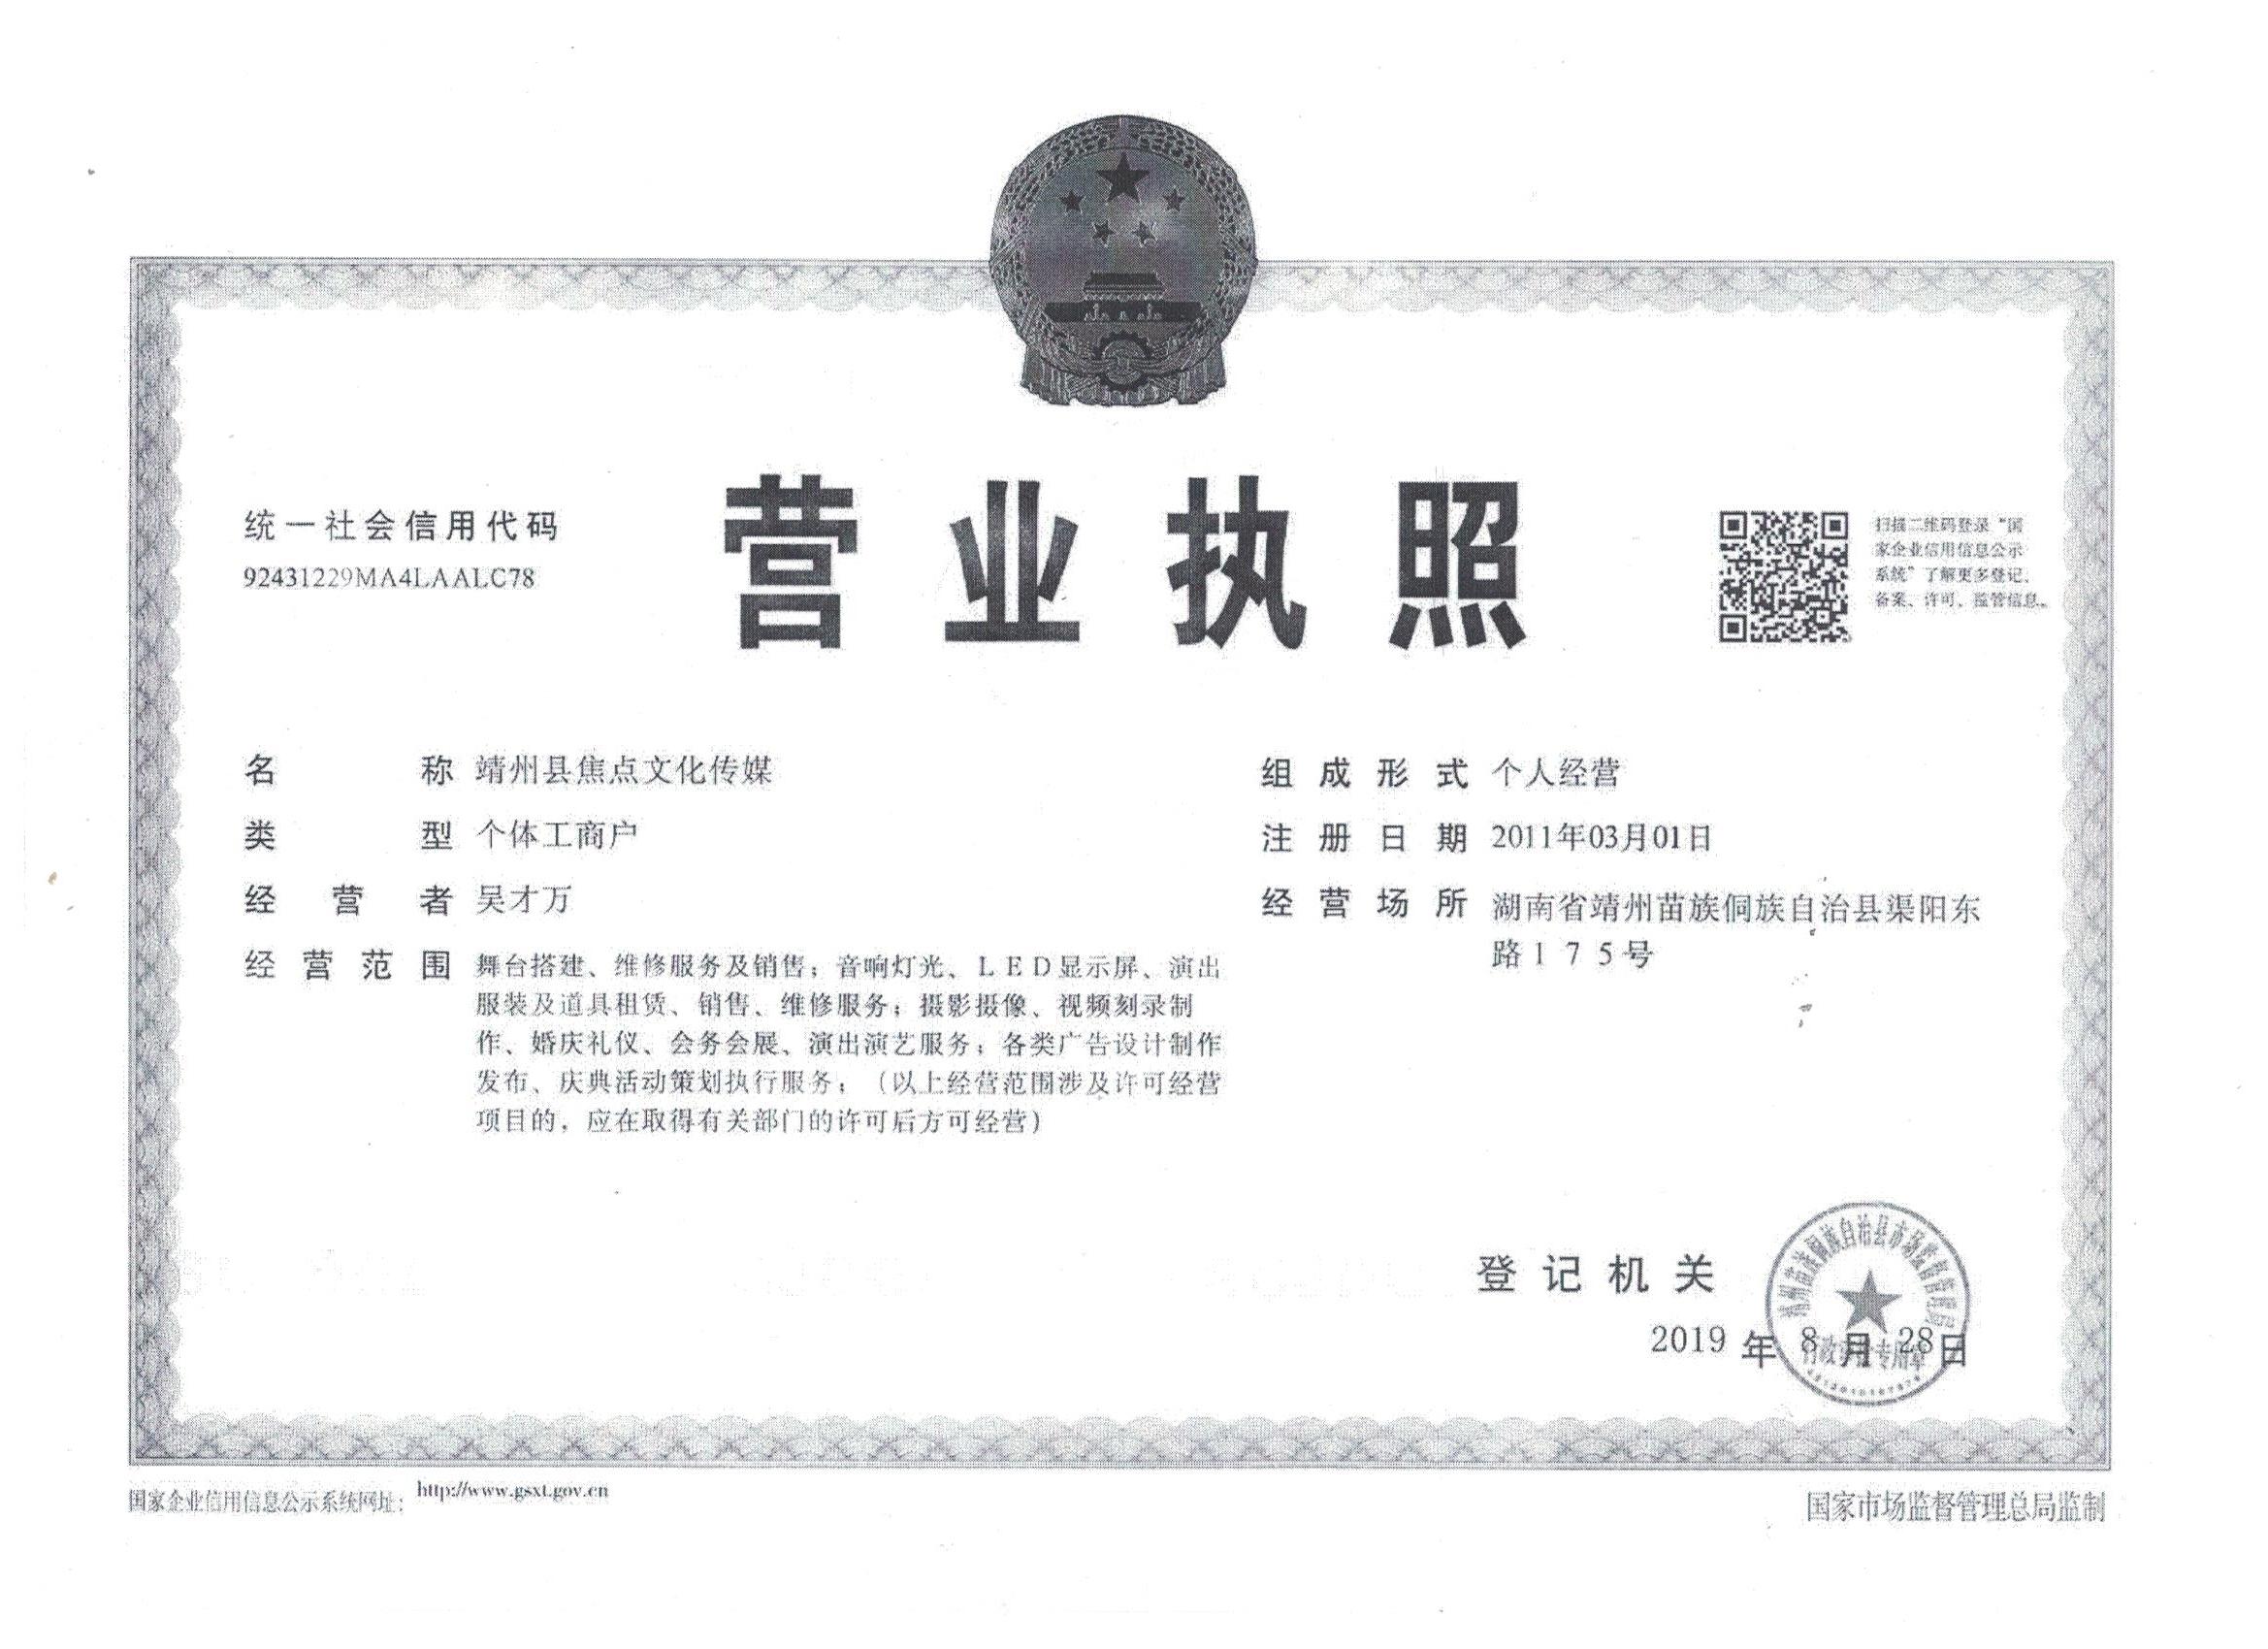 靖州县焦点文化传媒